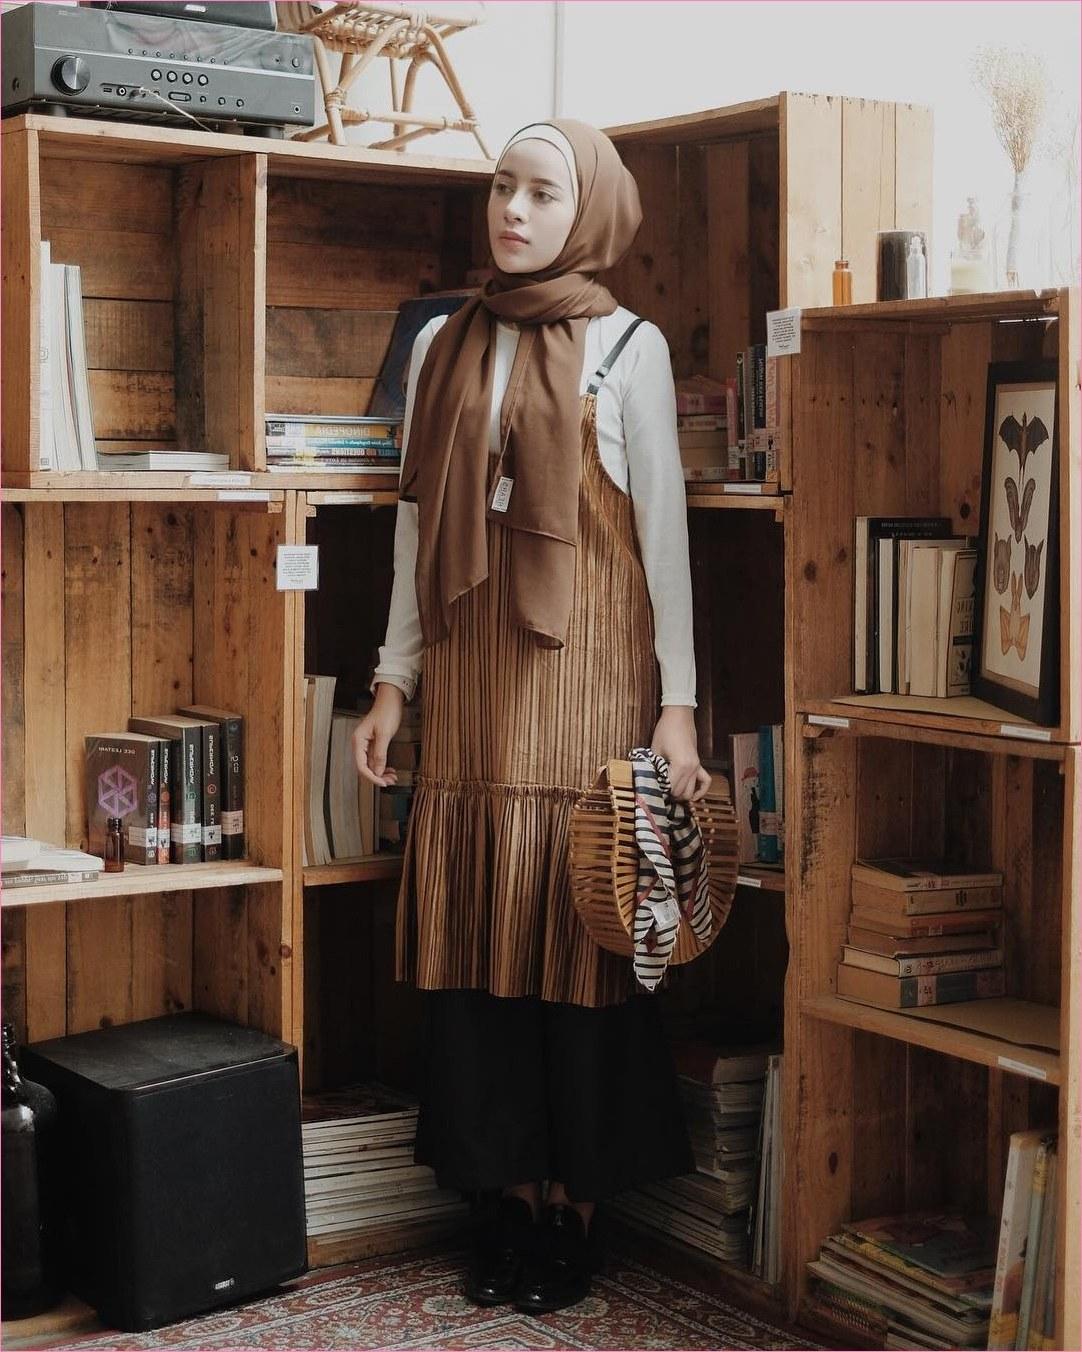 Model Gaya Baju Lebaran 2019 Tqd3 80 Model Baju Lebaran Terbaru 2019 Muslimah Trendy Model